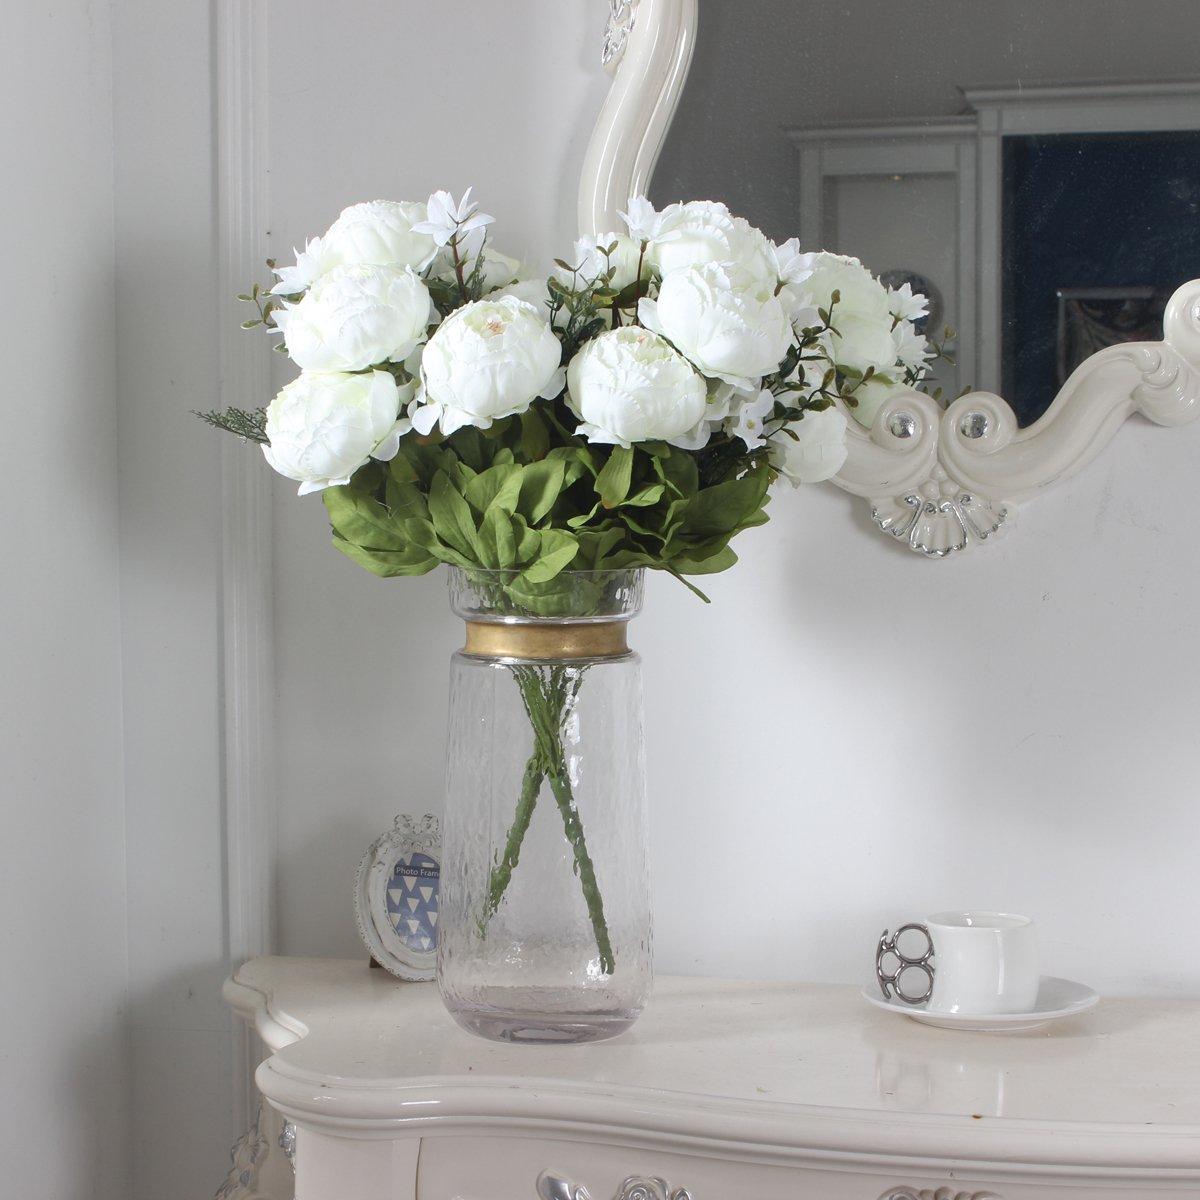 D/écoration de maison Xiuer Pivoines artificielles Bouquet de fleurs artificielles vintage mariage